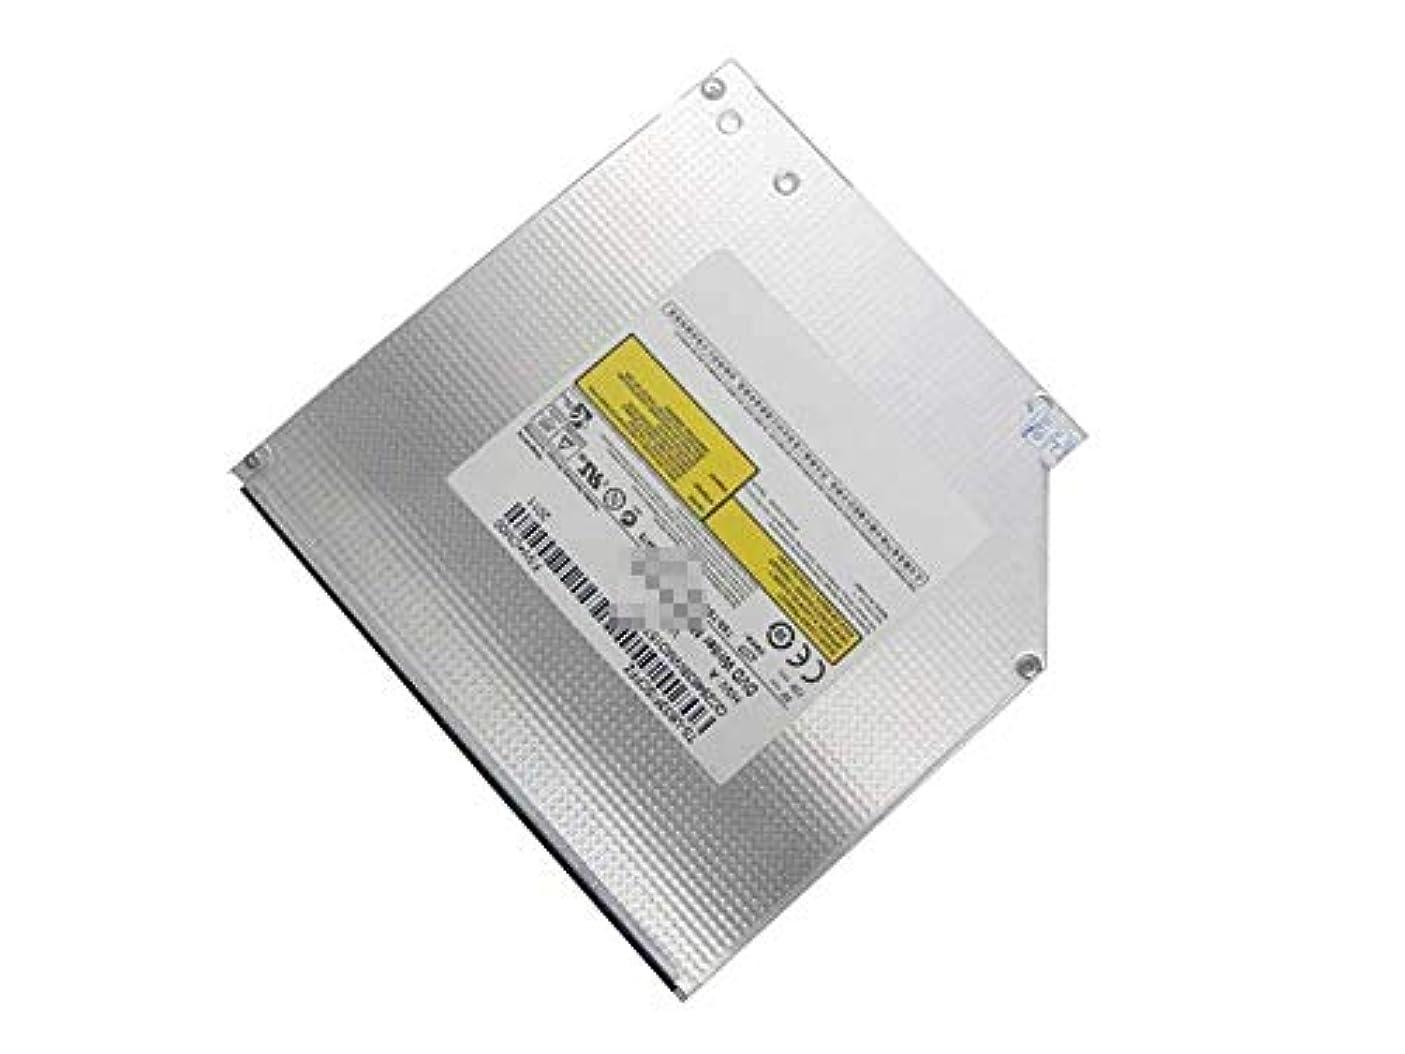 ピアレール支出(修理交換用 )DVDドライブ/DVDスーパーマルチドライブ 適用する 富士通 FMV LIFEBOOK S935/K、S904/J、SH90/M、SH75/M 修理交換用 9.5mm SATA (トレイ方式) 内蔵型